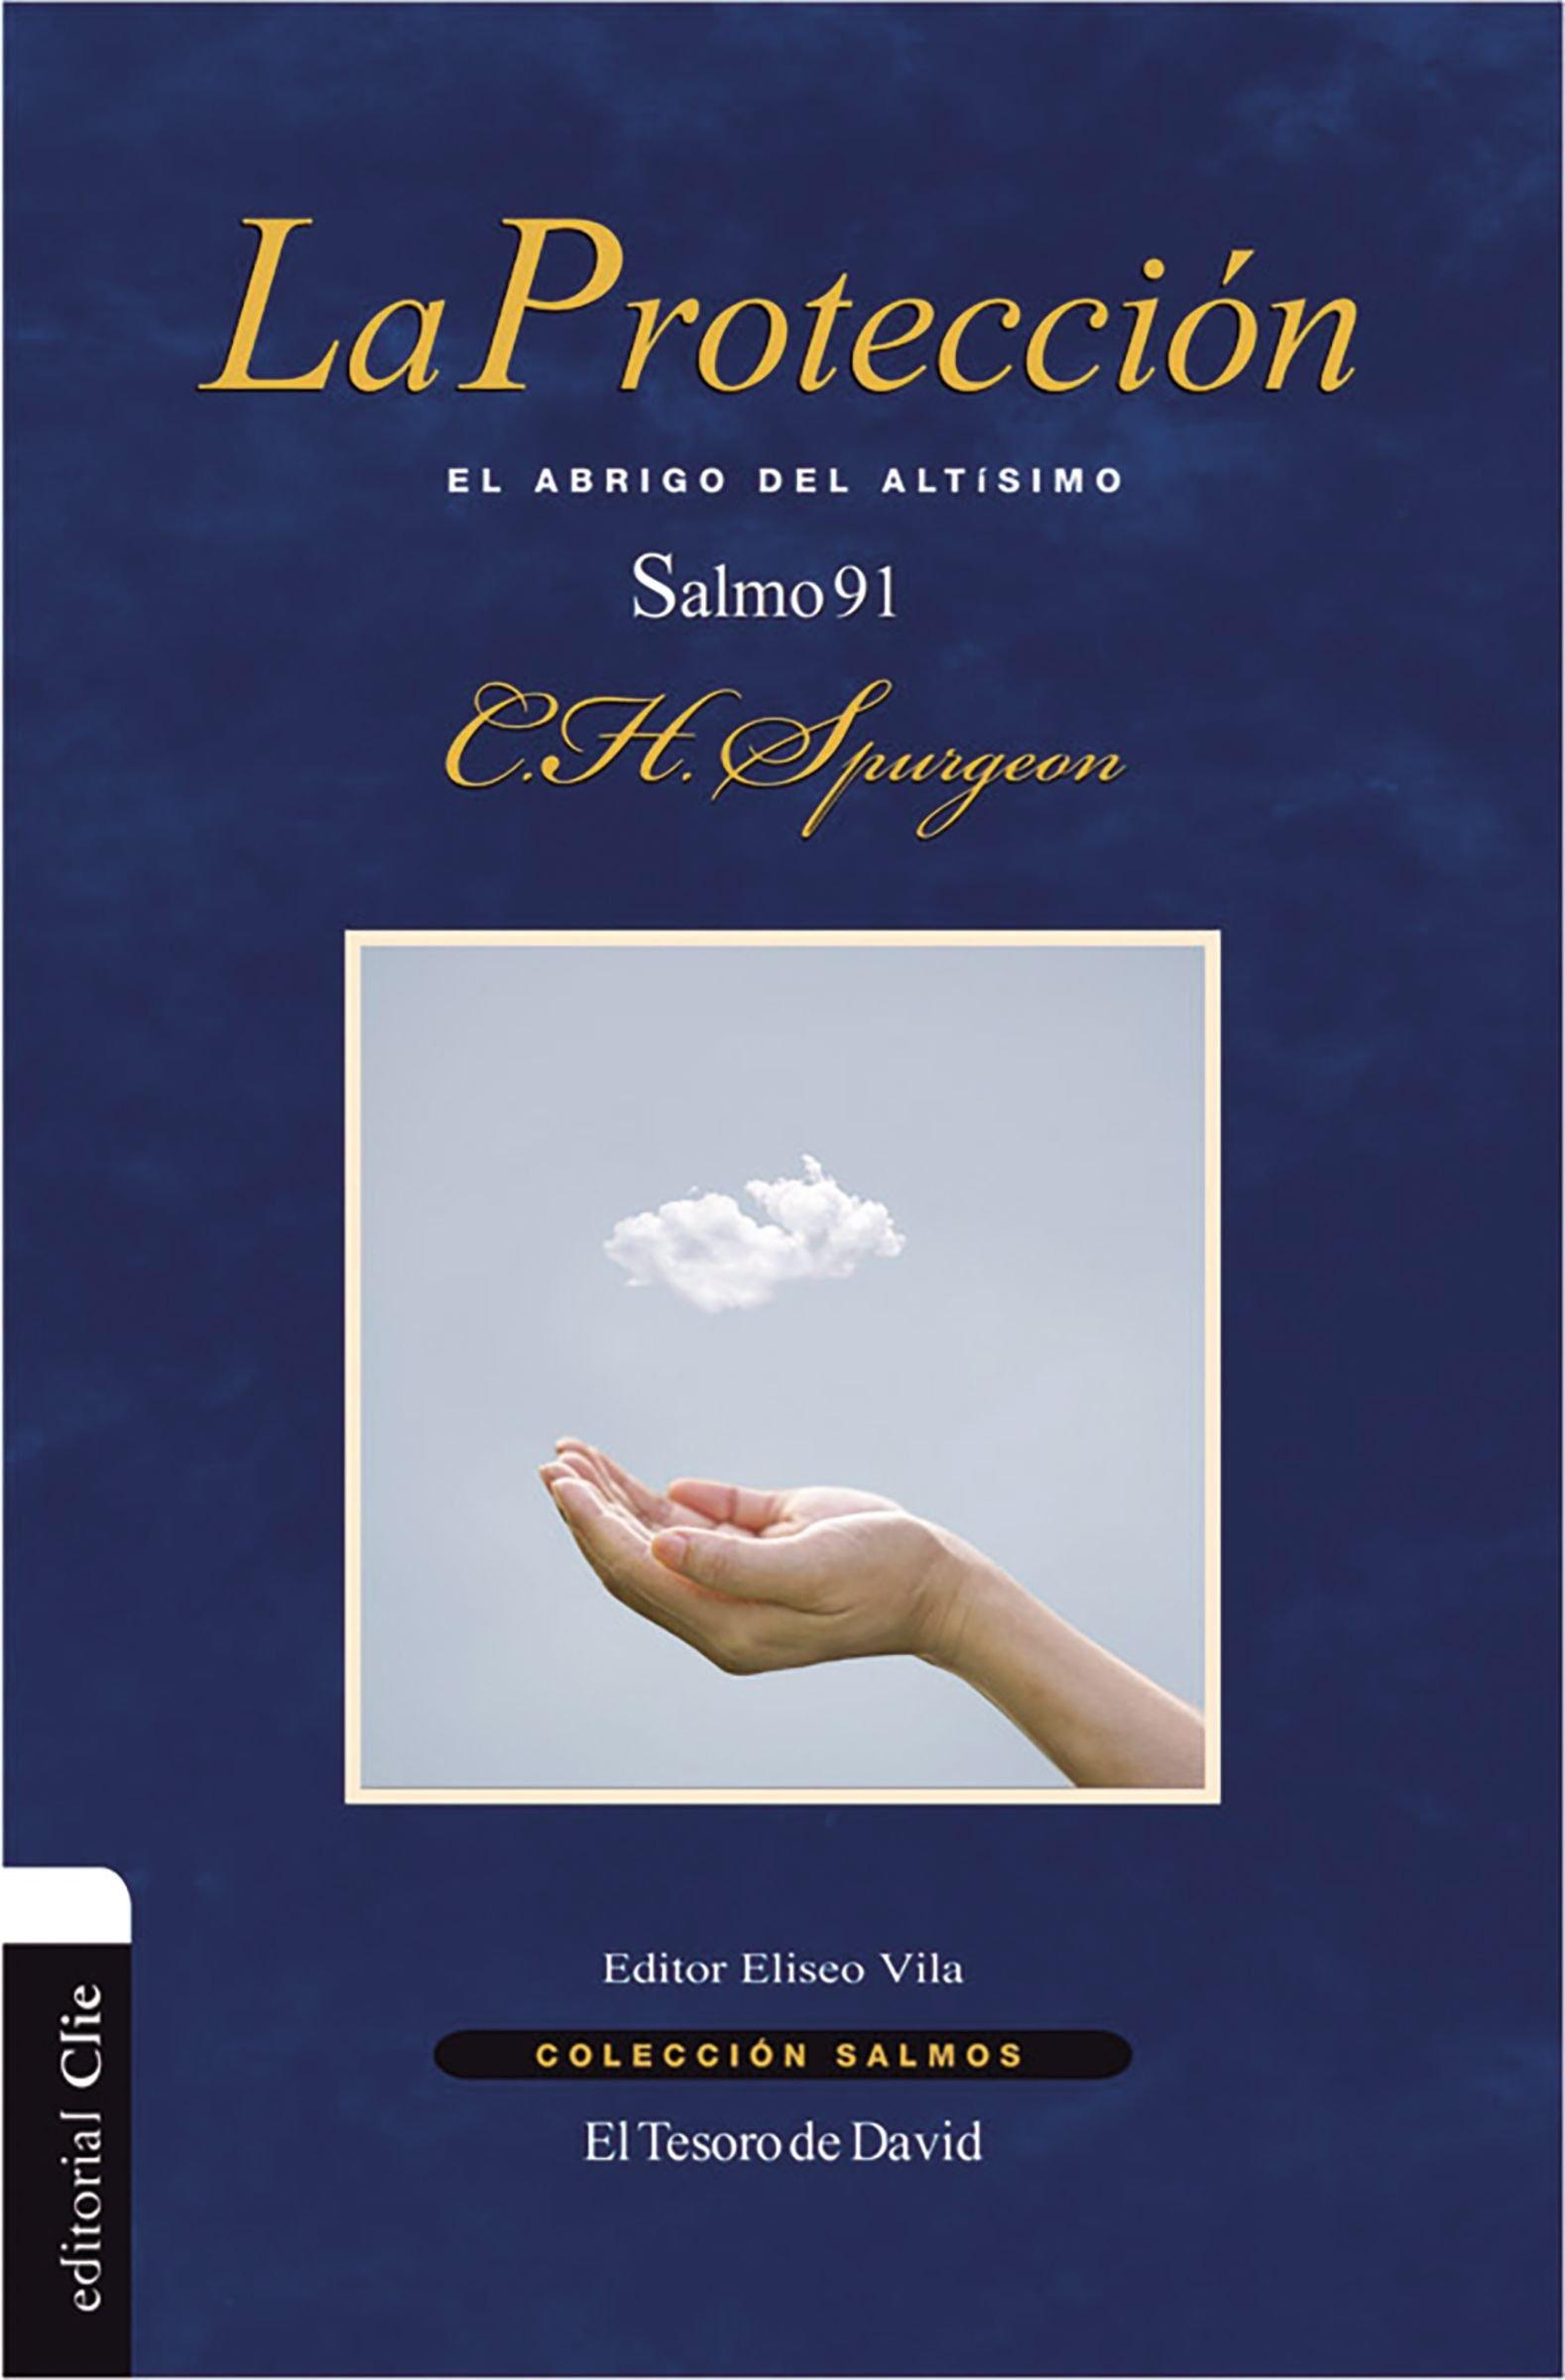 El abrigo del altísimo. Salmo 91 Colección Salmos: Amazon.es: ELISEO Ed. VILA VILA: Libros